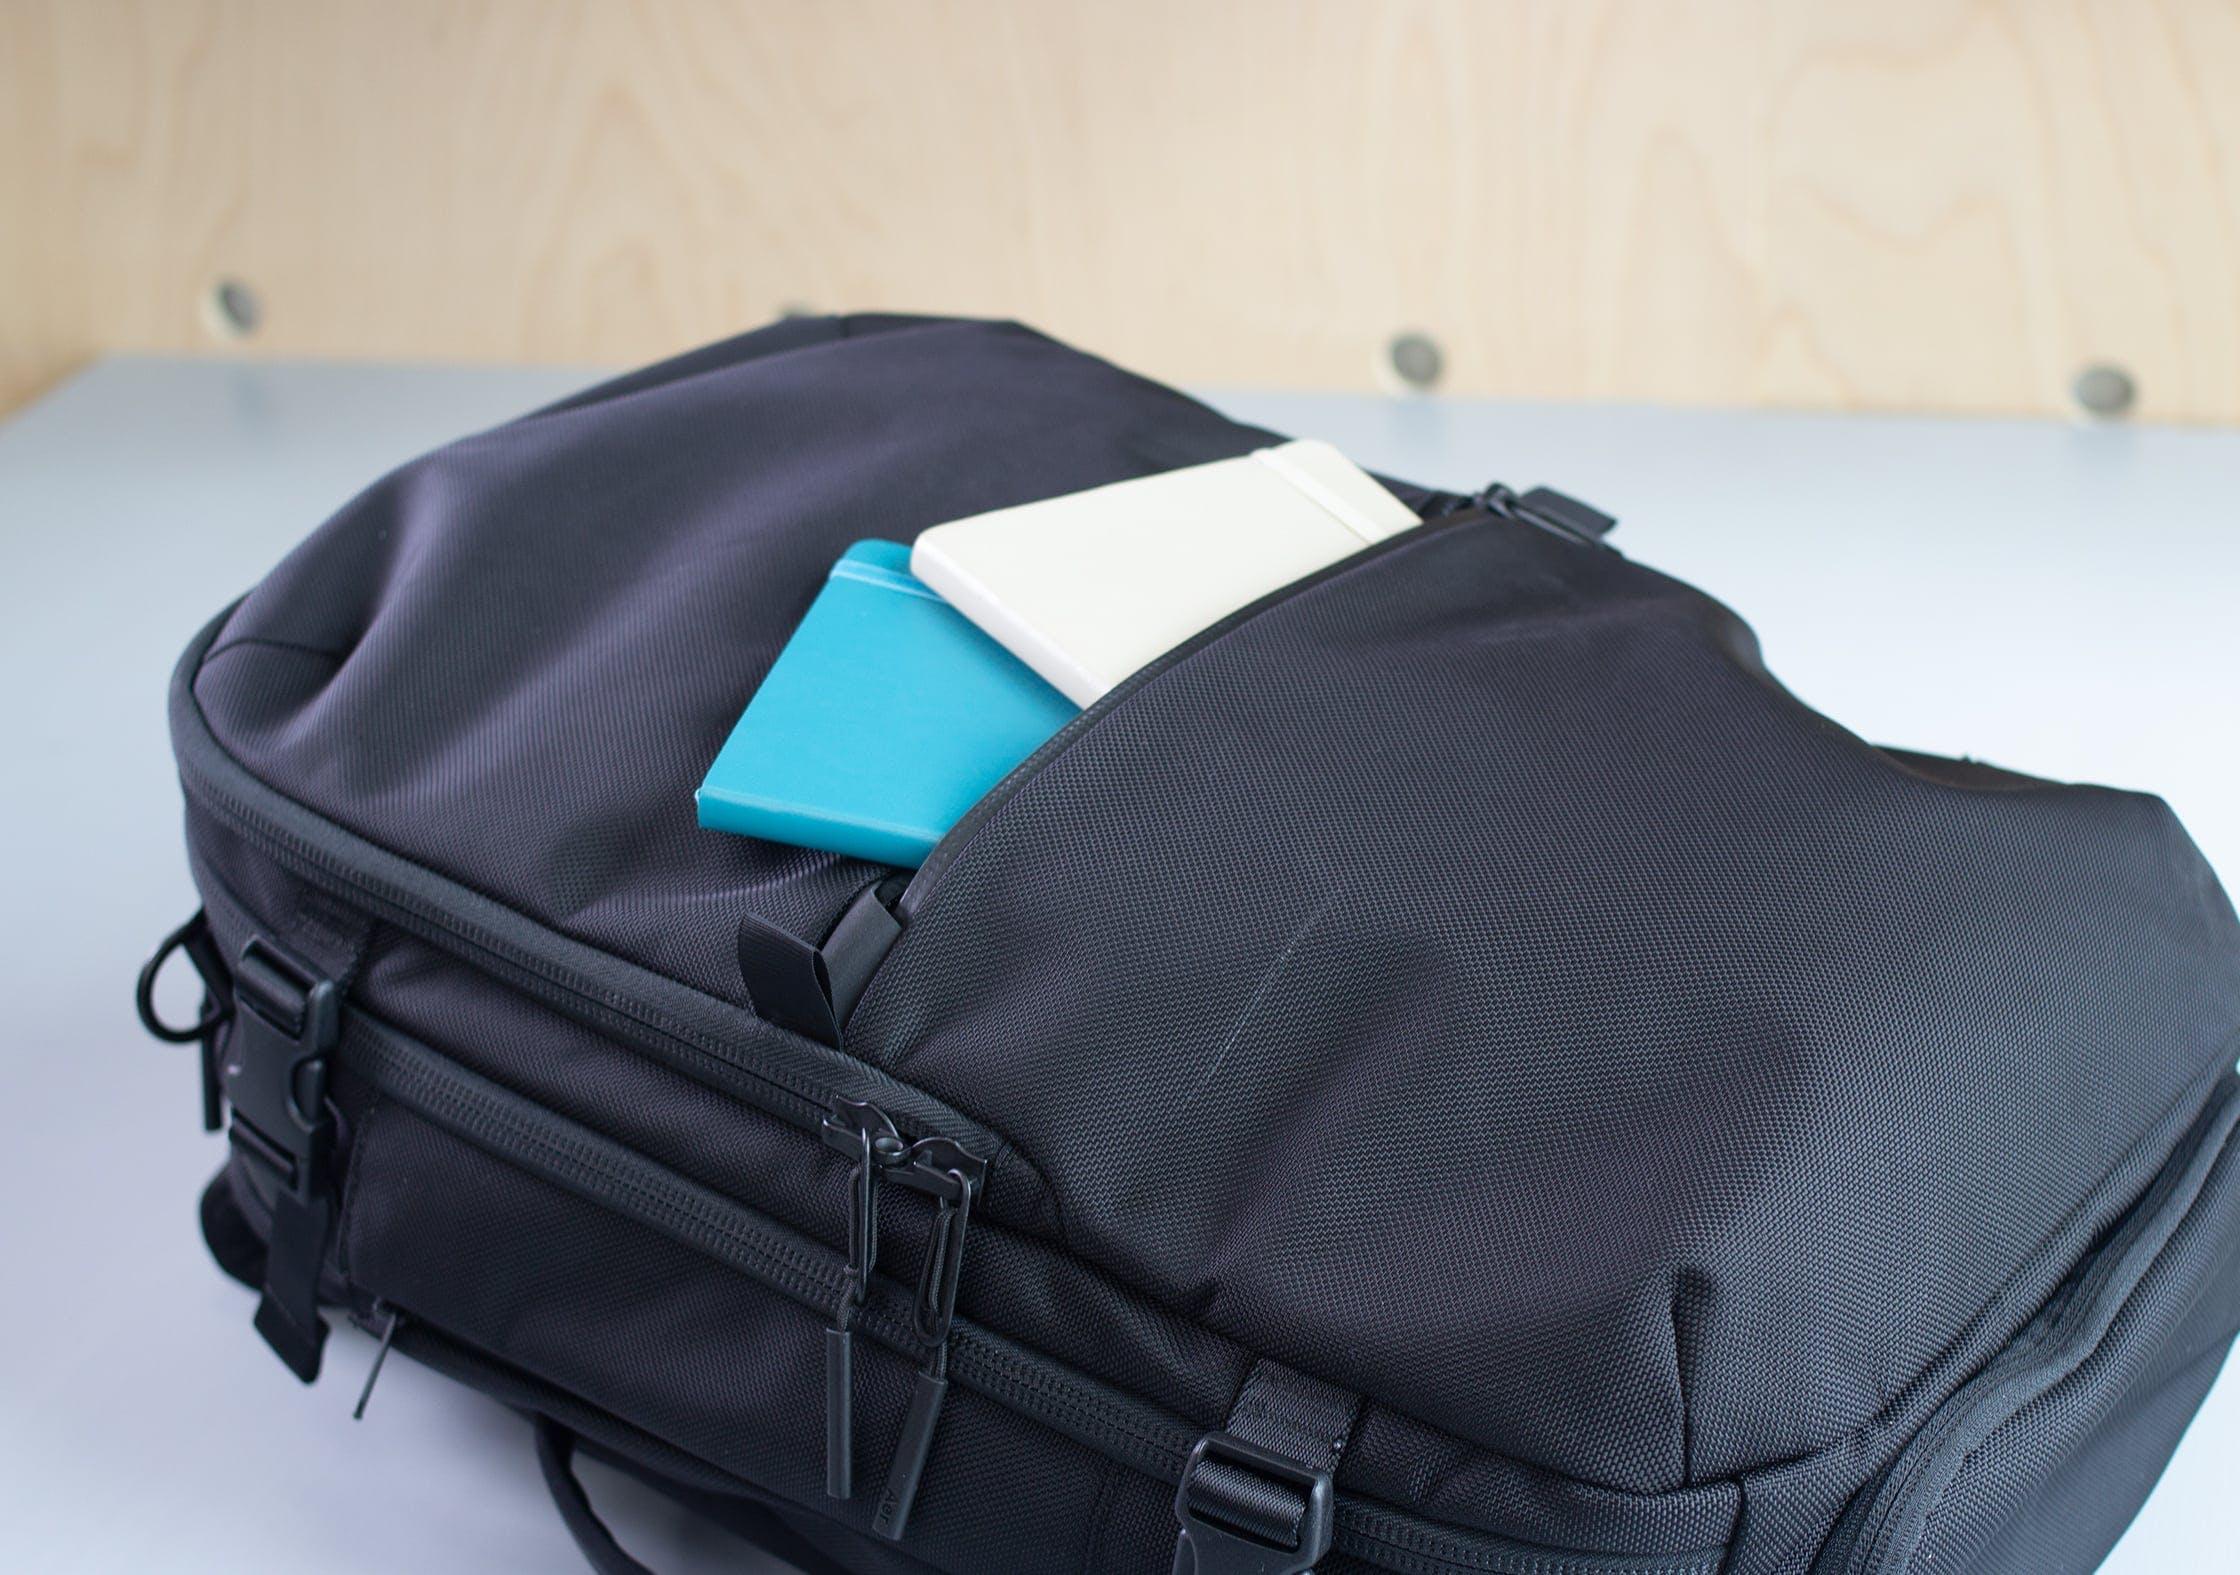 Aer Travel Pack 2 Front Pocket